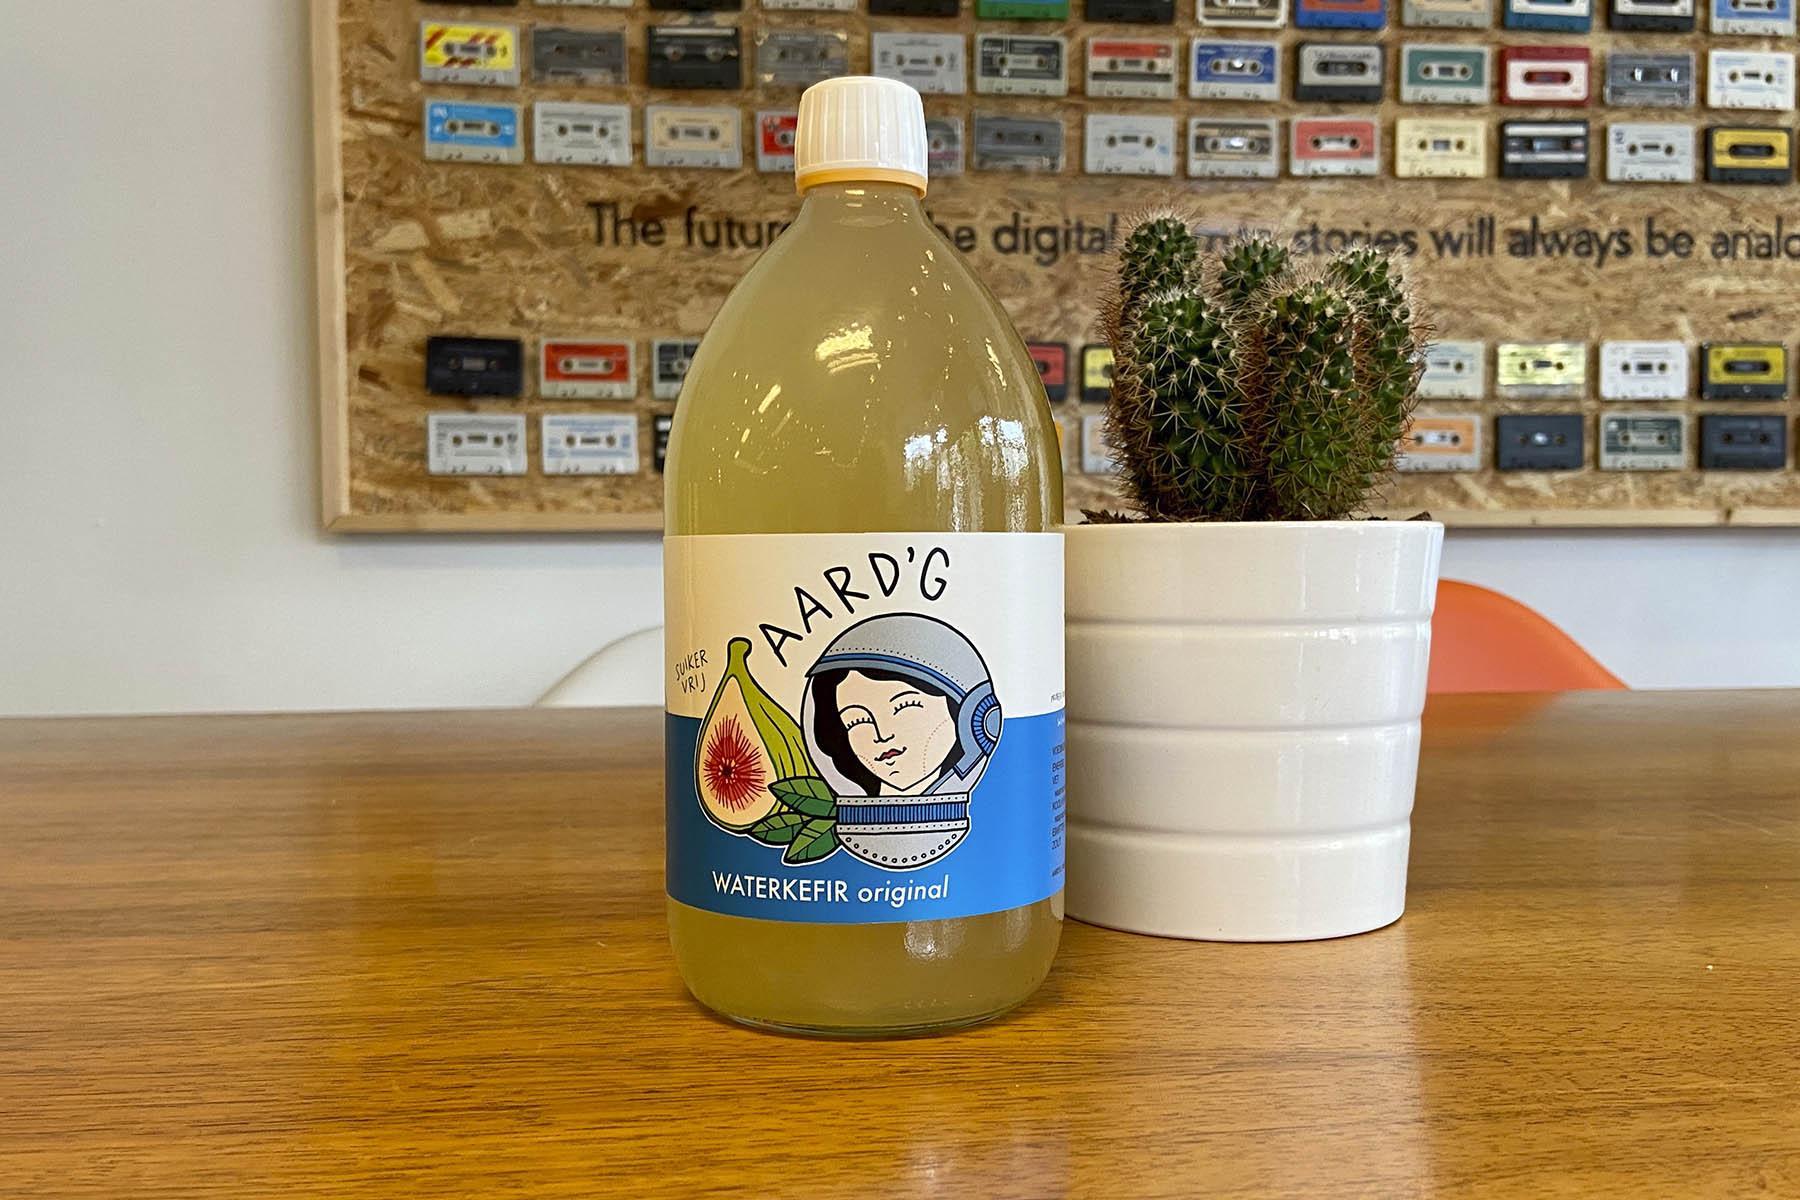 Een fles Aard'g Waterkefir Original naast een cactus op een houten tafel.